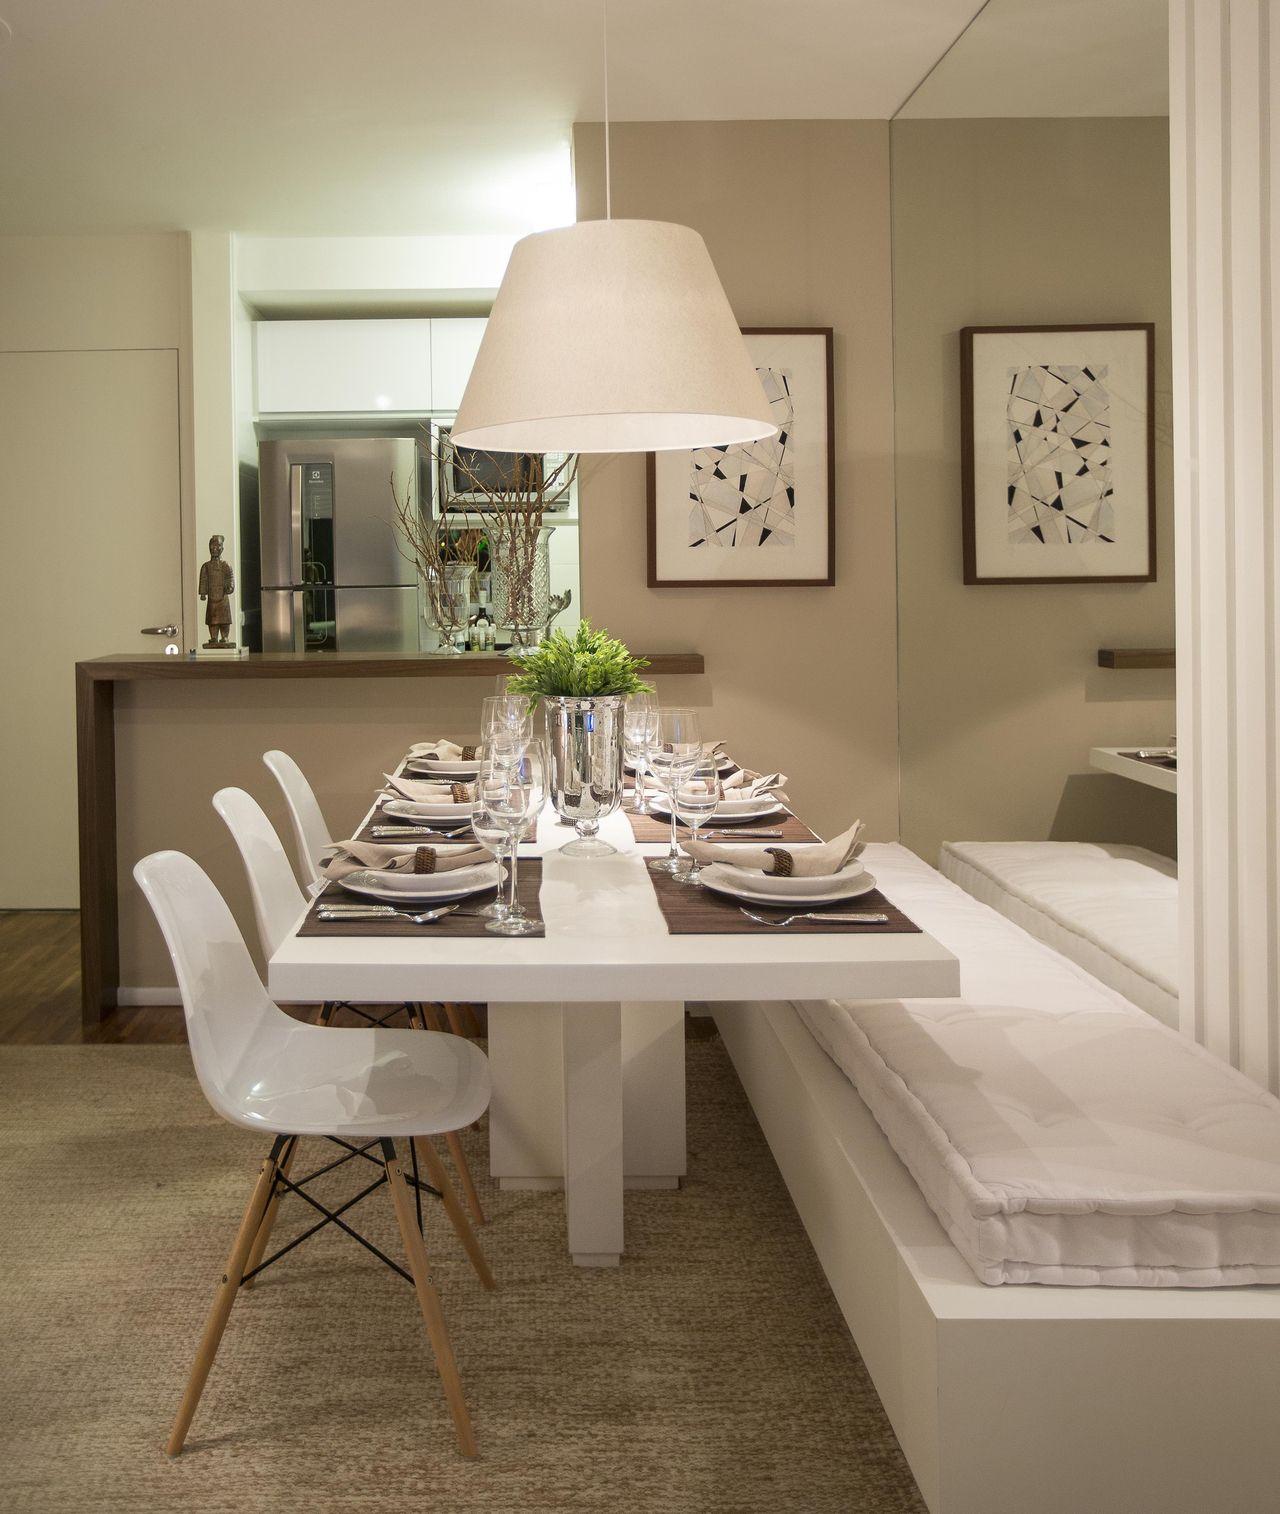 #505C2A Decoração Sala de Jantar Sala de Jantar com Espelho 1280x1514 píxeis em Decoração Para Sala De Jantar Com Espelho